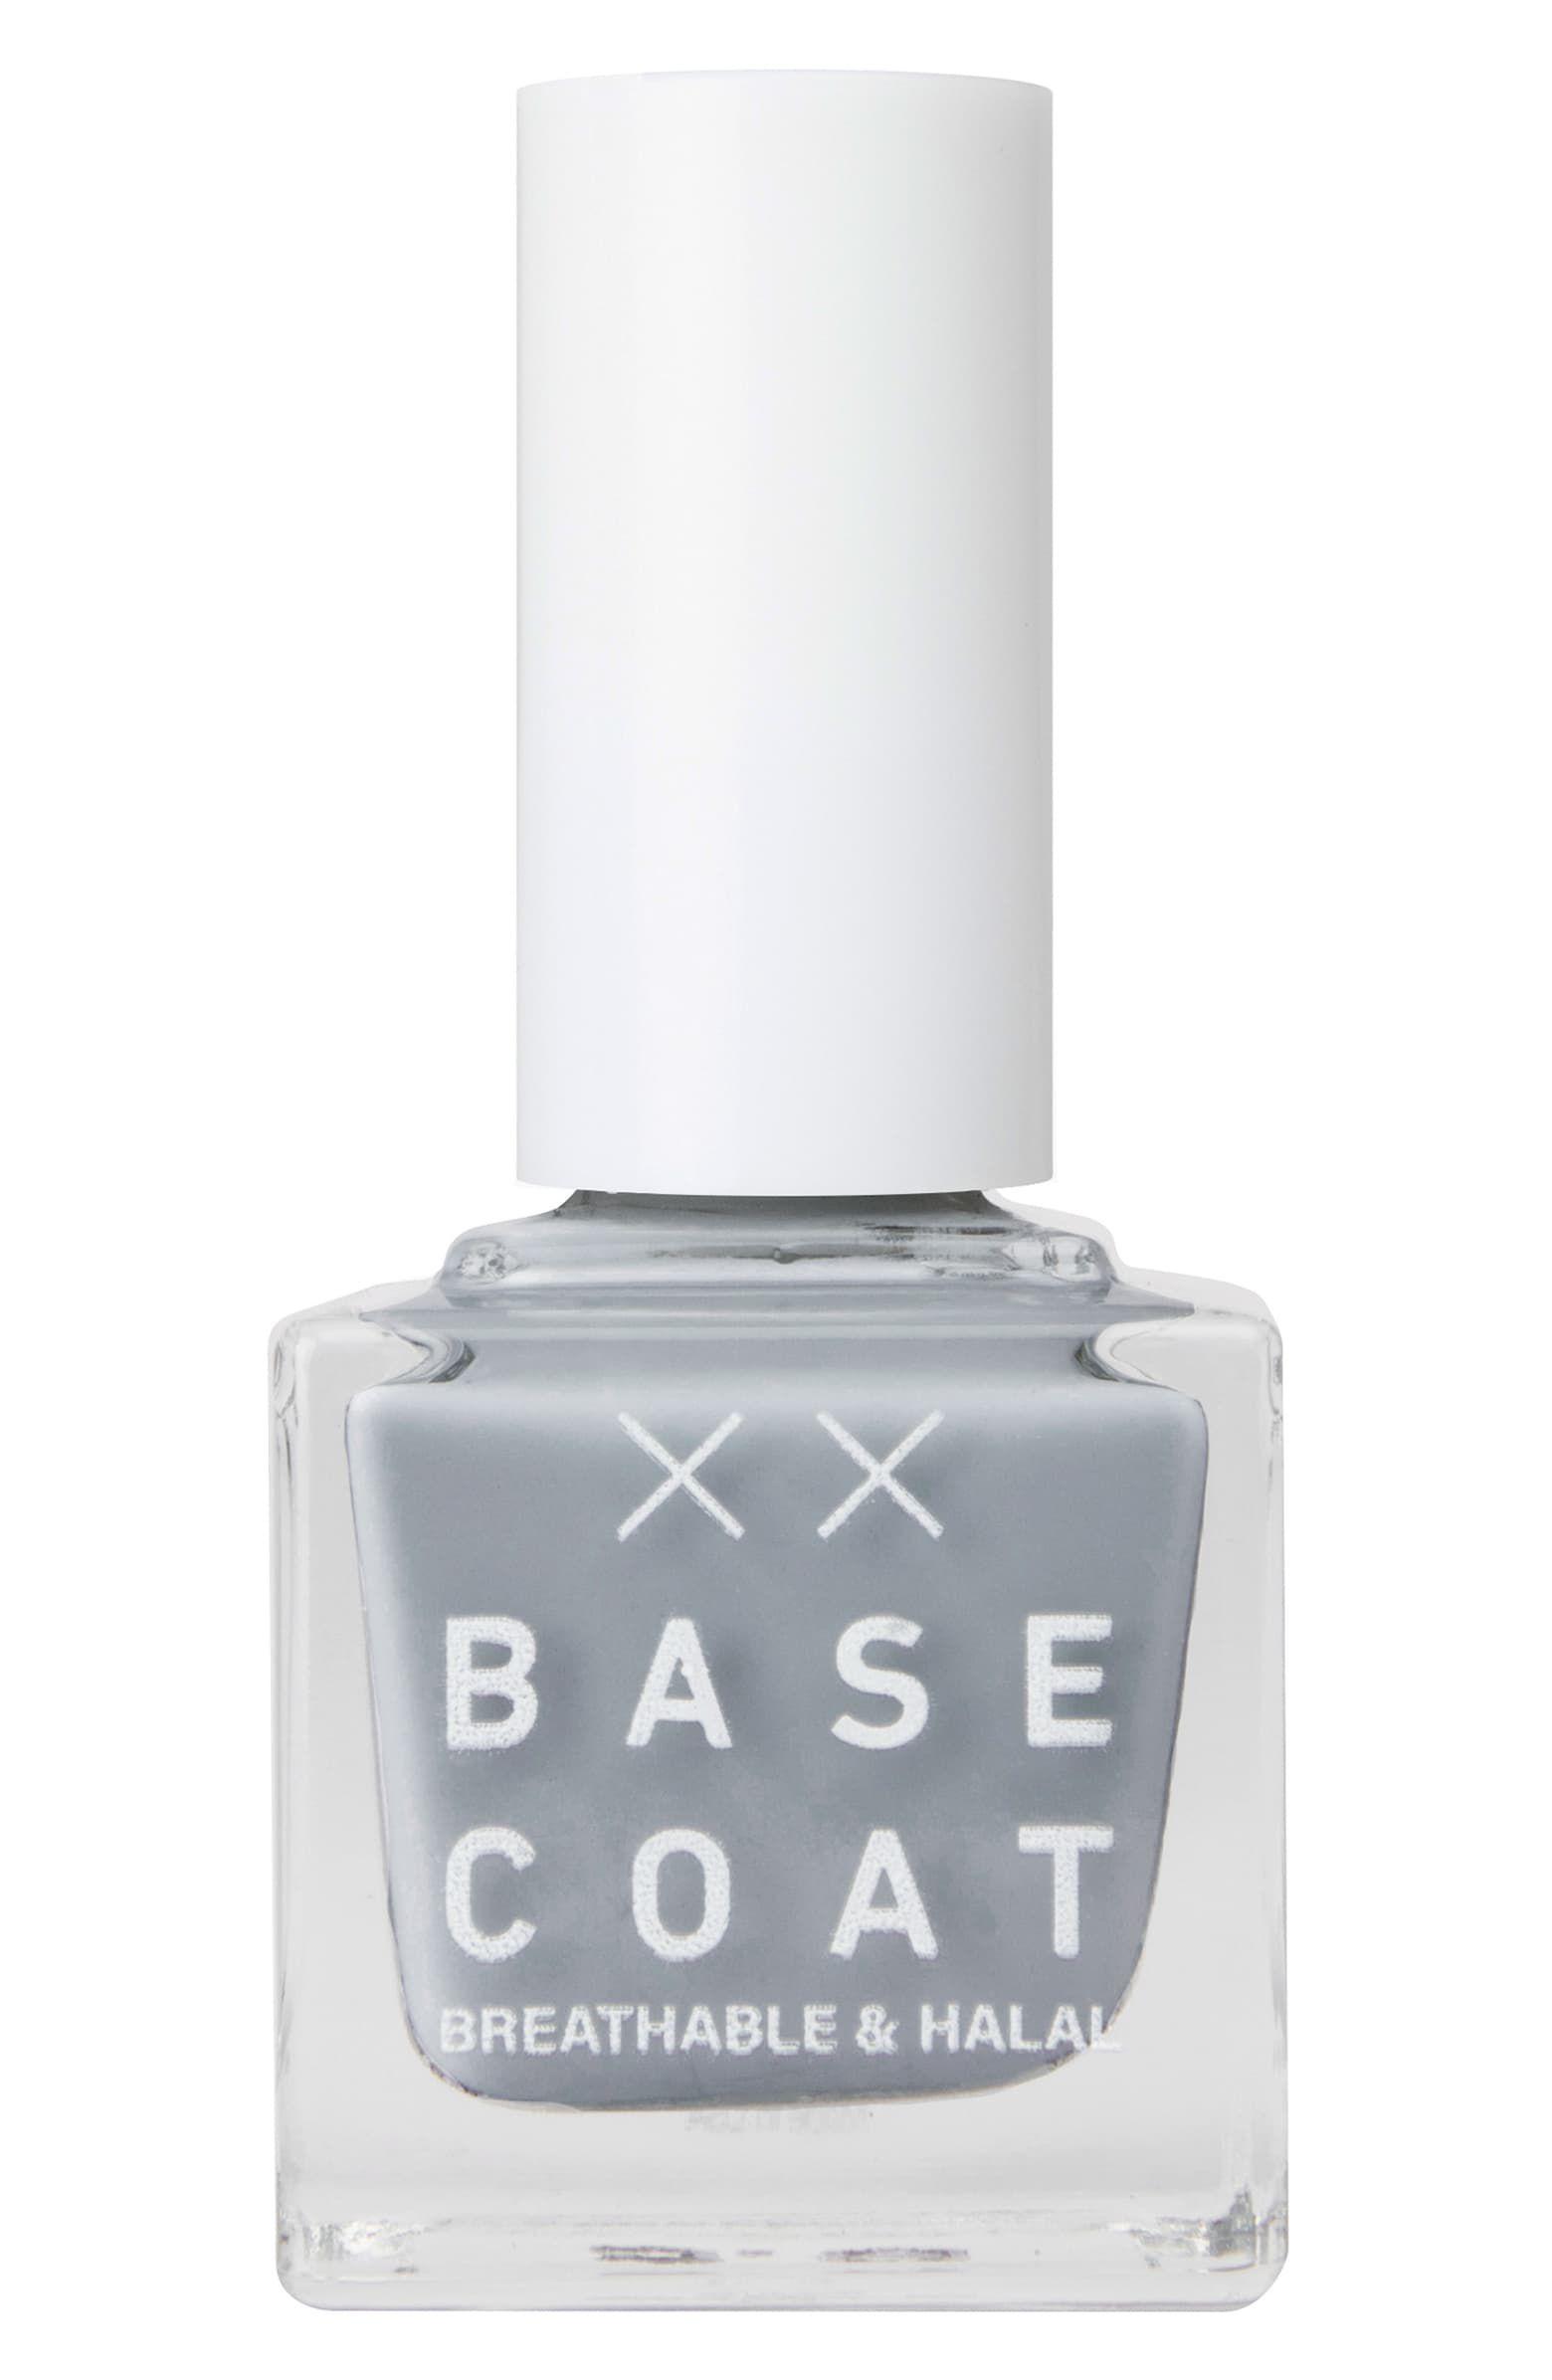 Base Coat Grey Nail Polish